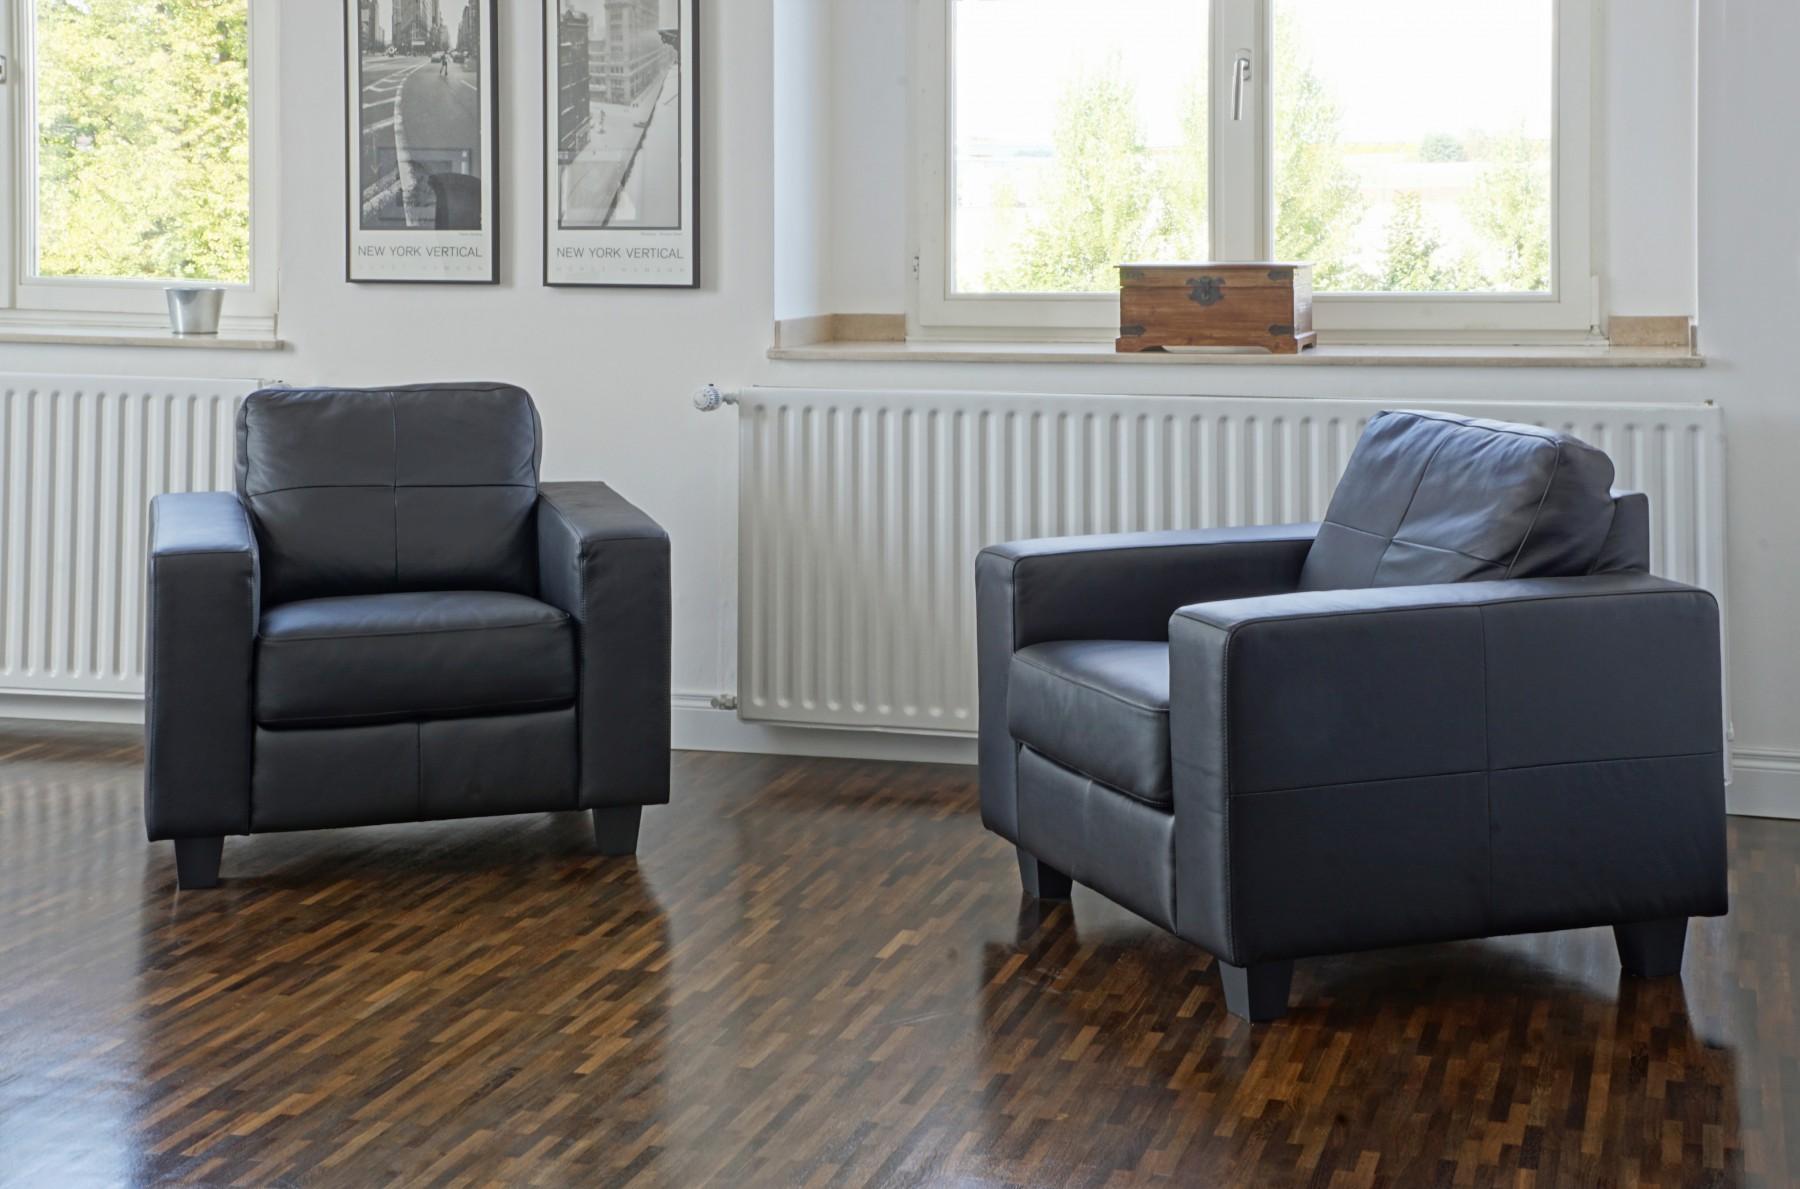 grenz berschreitendes erbe oder schenkung wie hoch ist der steuerfreibetrag. Black Bedroom Furniture Sets. Home Design Ideas